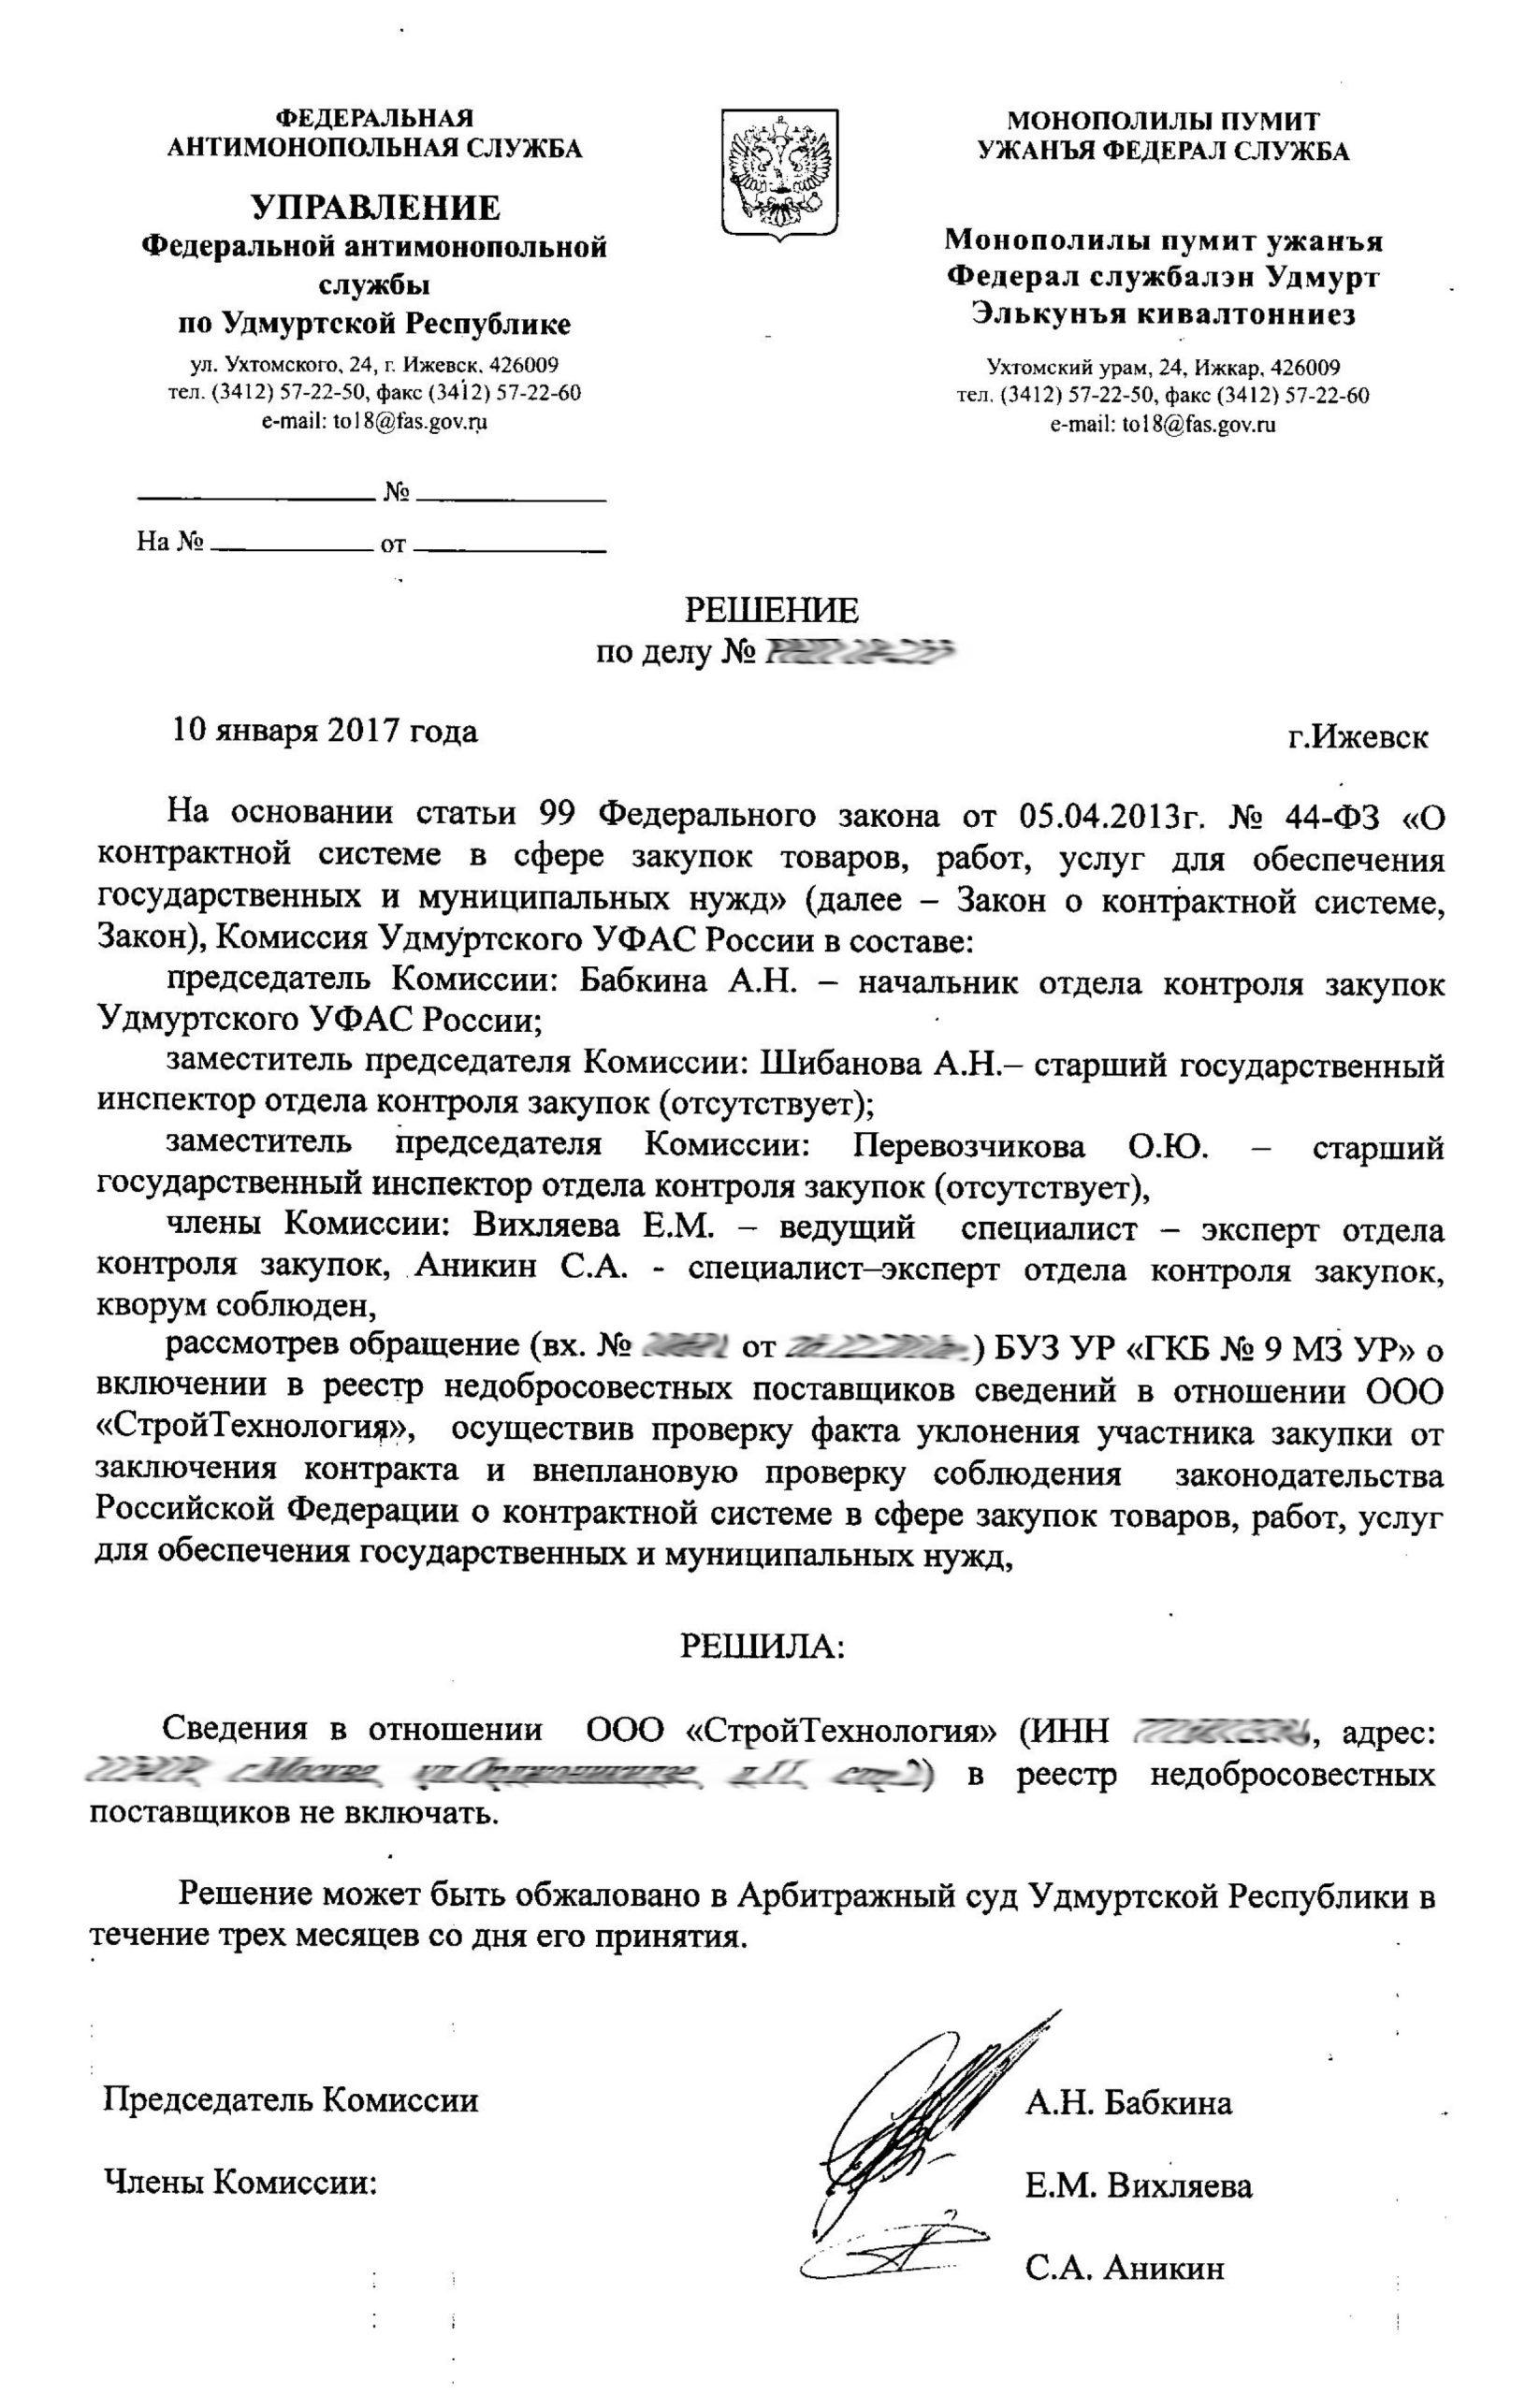 УФАС по Удмуртской Республике СтройТехнология решение